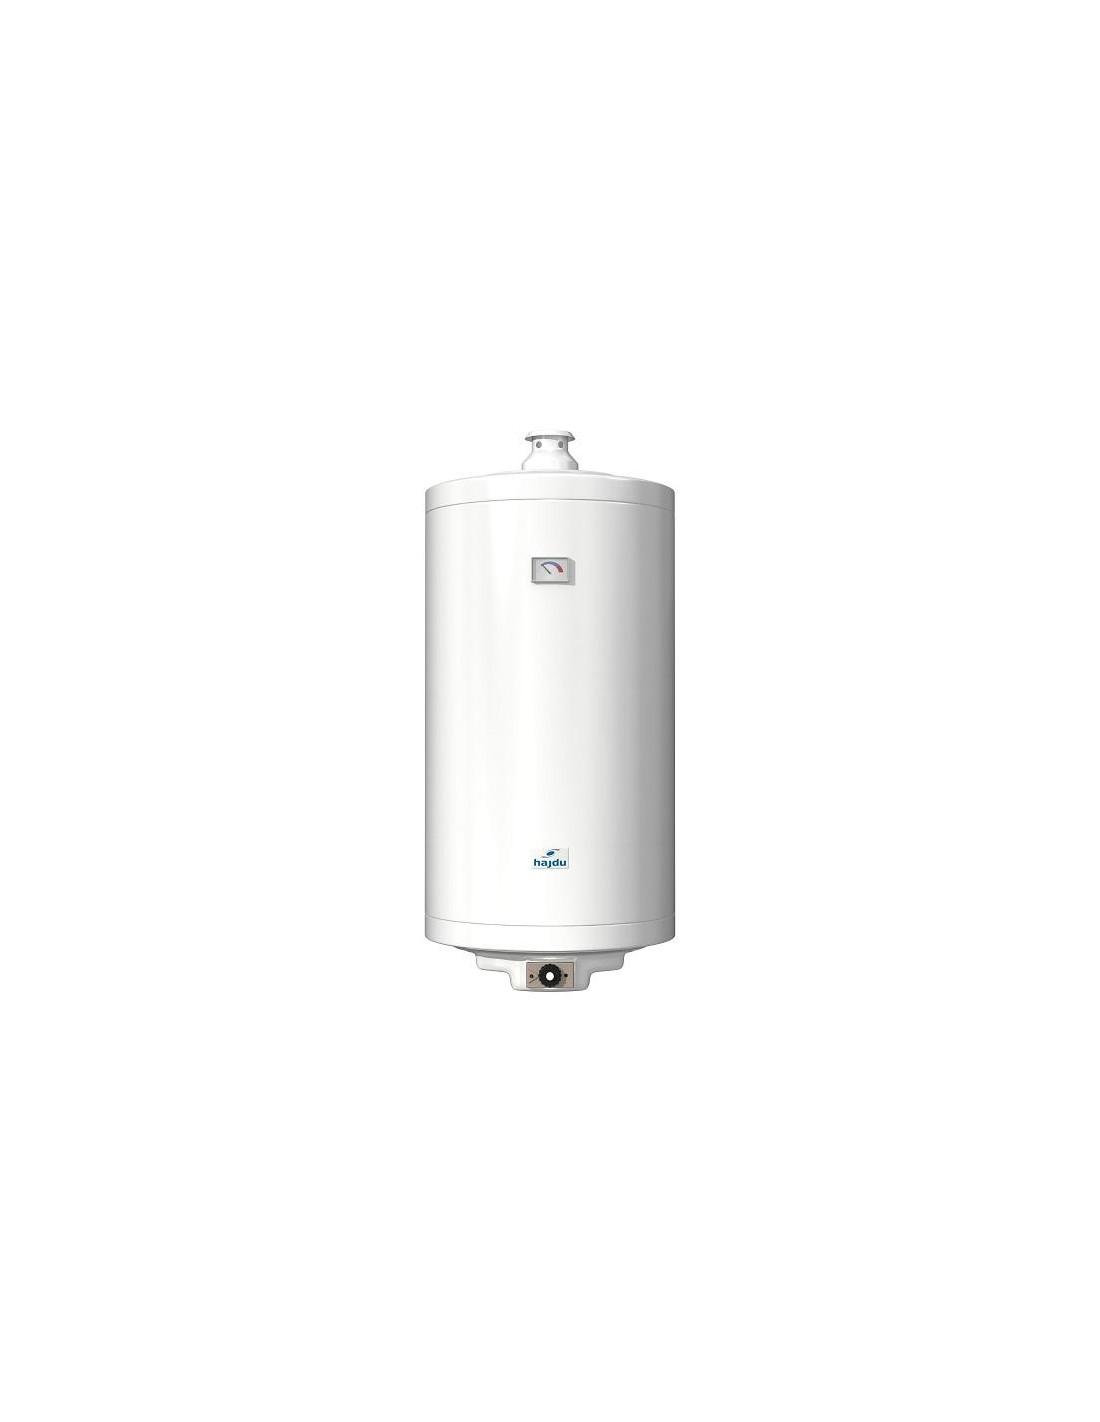 HAJDU GB120.2 tárolós kémény nélküli gázbojler